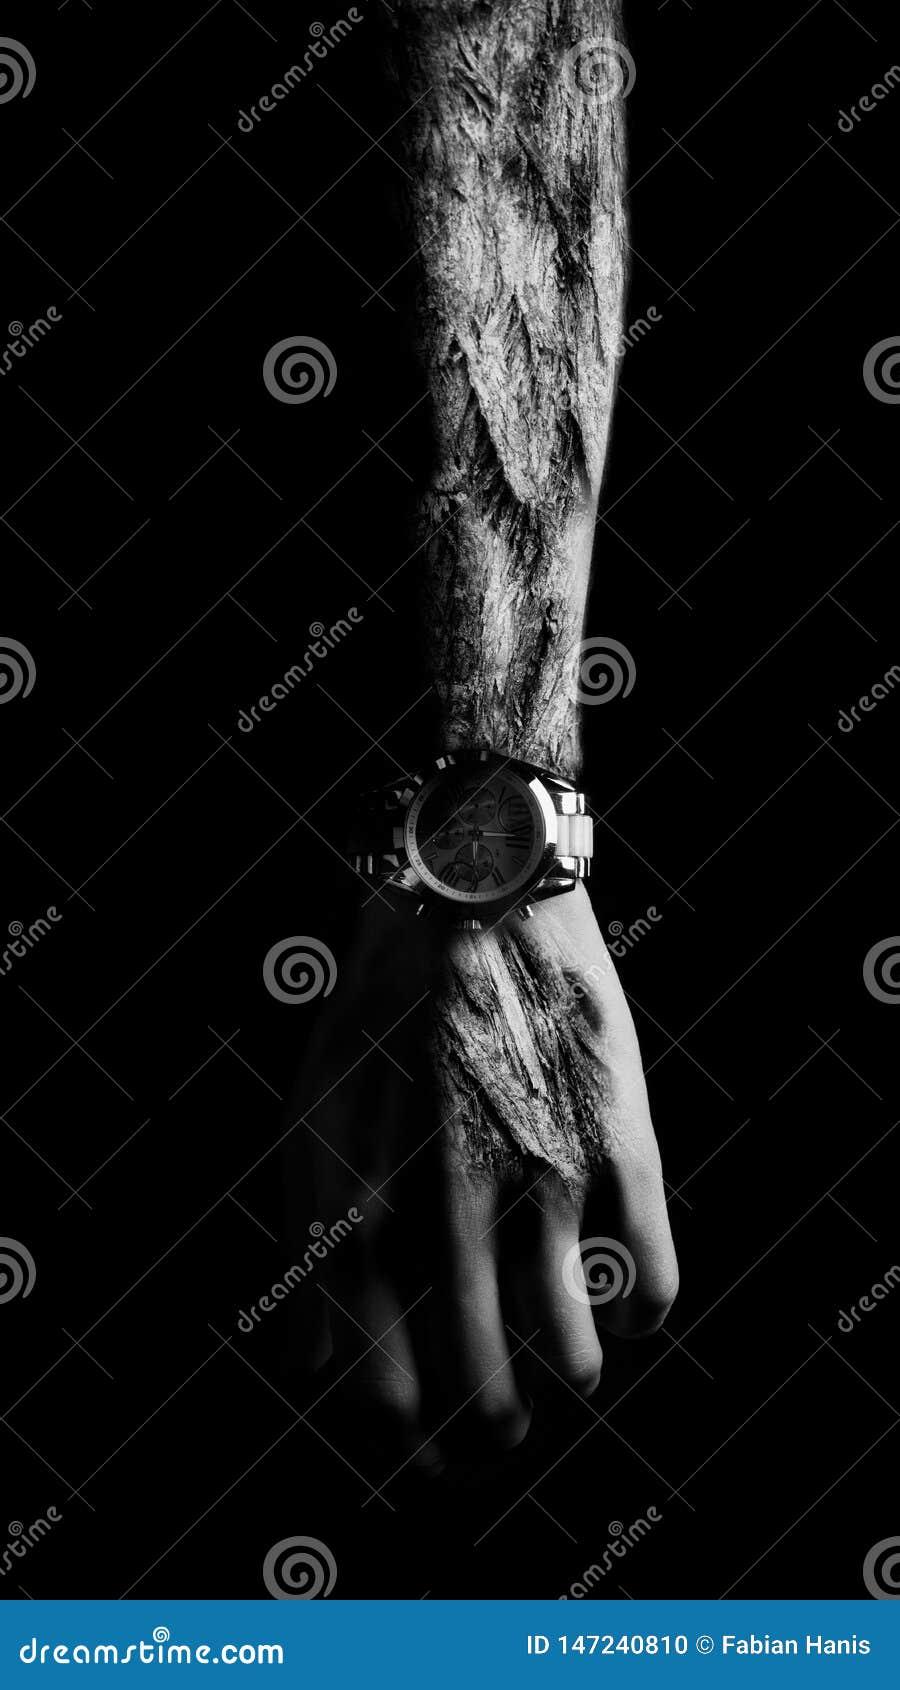 Braço do horror com pele e o relógio de madeira - imagem surreal